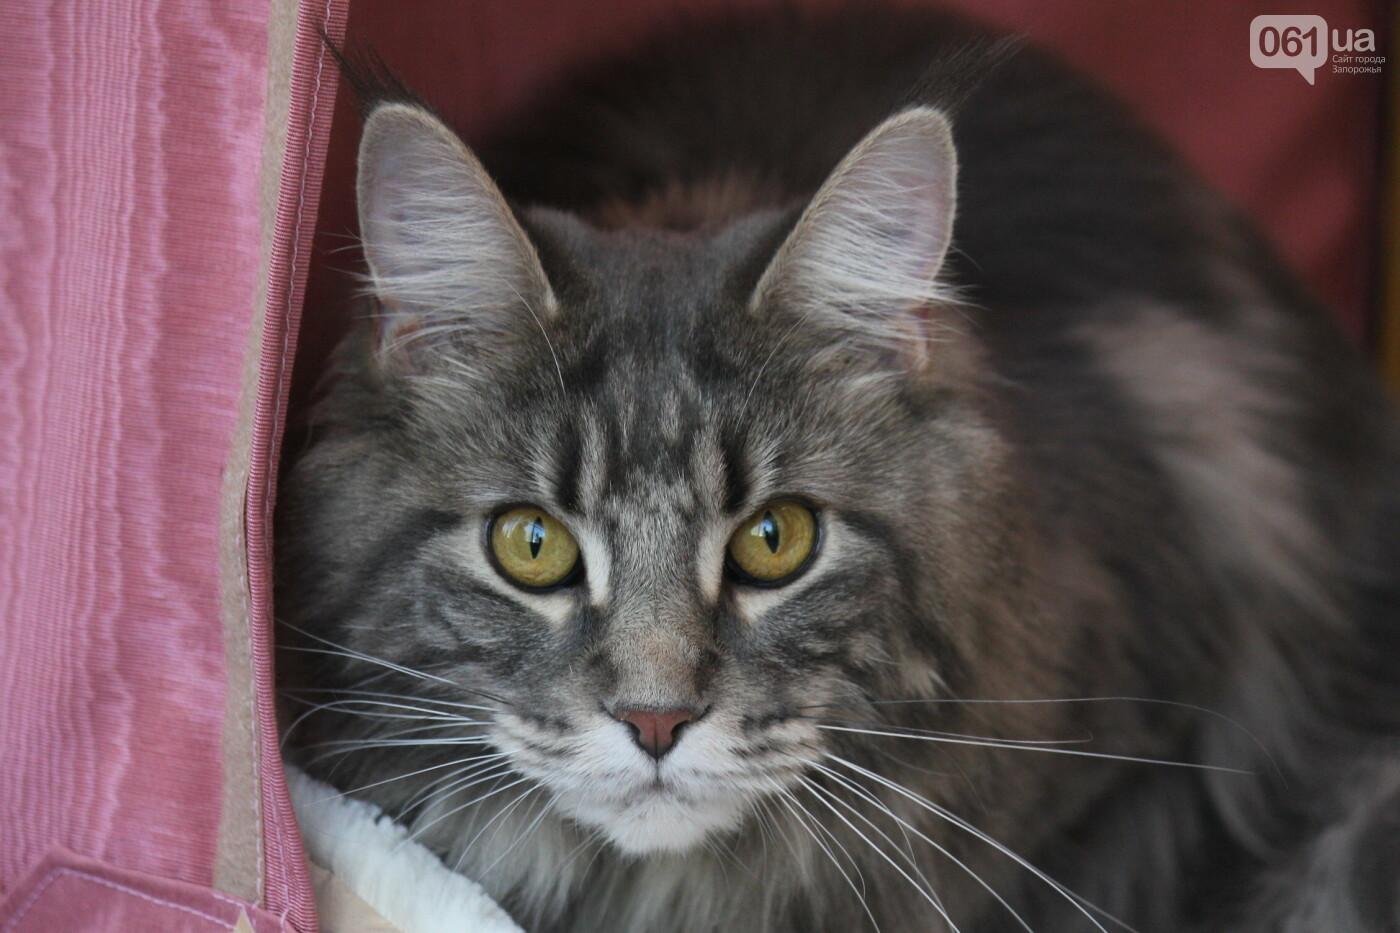 В Запорожье на выставке кошек показали 130 питомцев со всей Украины, – ФОТОРЕПОРТАЖ, фото-1